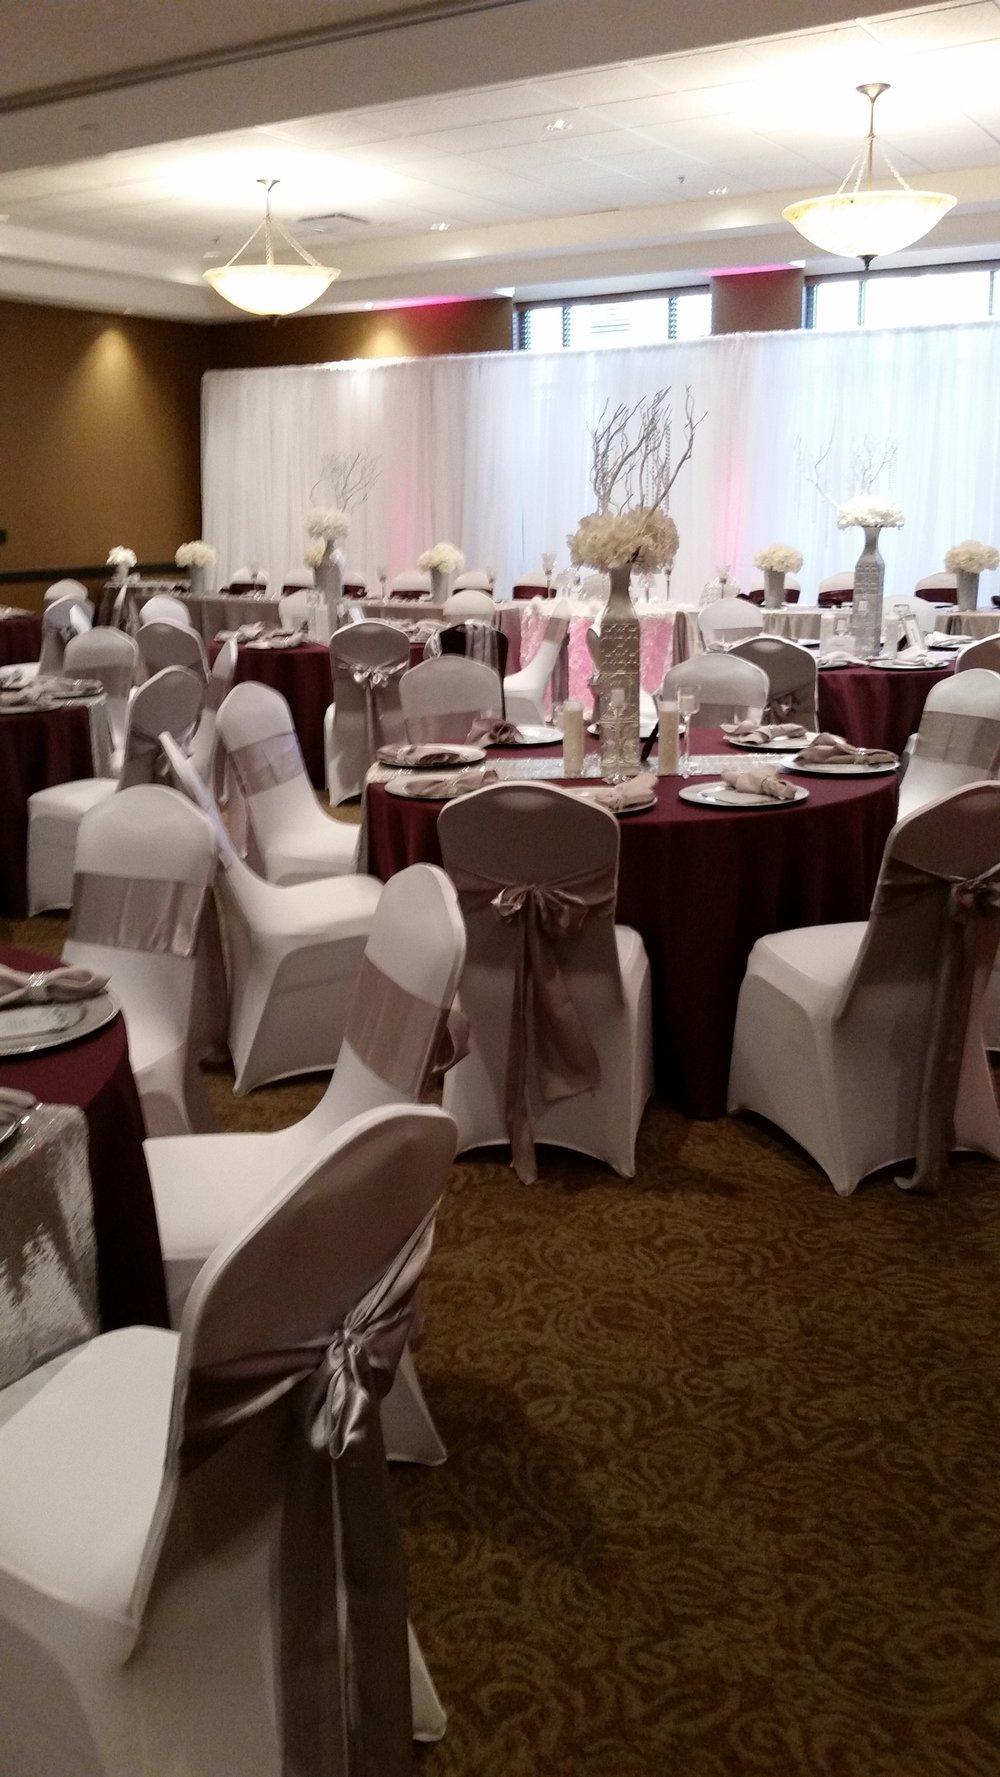 Img0177: Wedding Venues Flowood Ms At Reisefeber.org